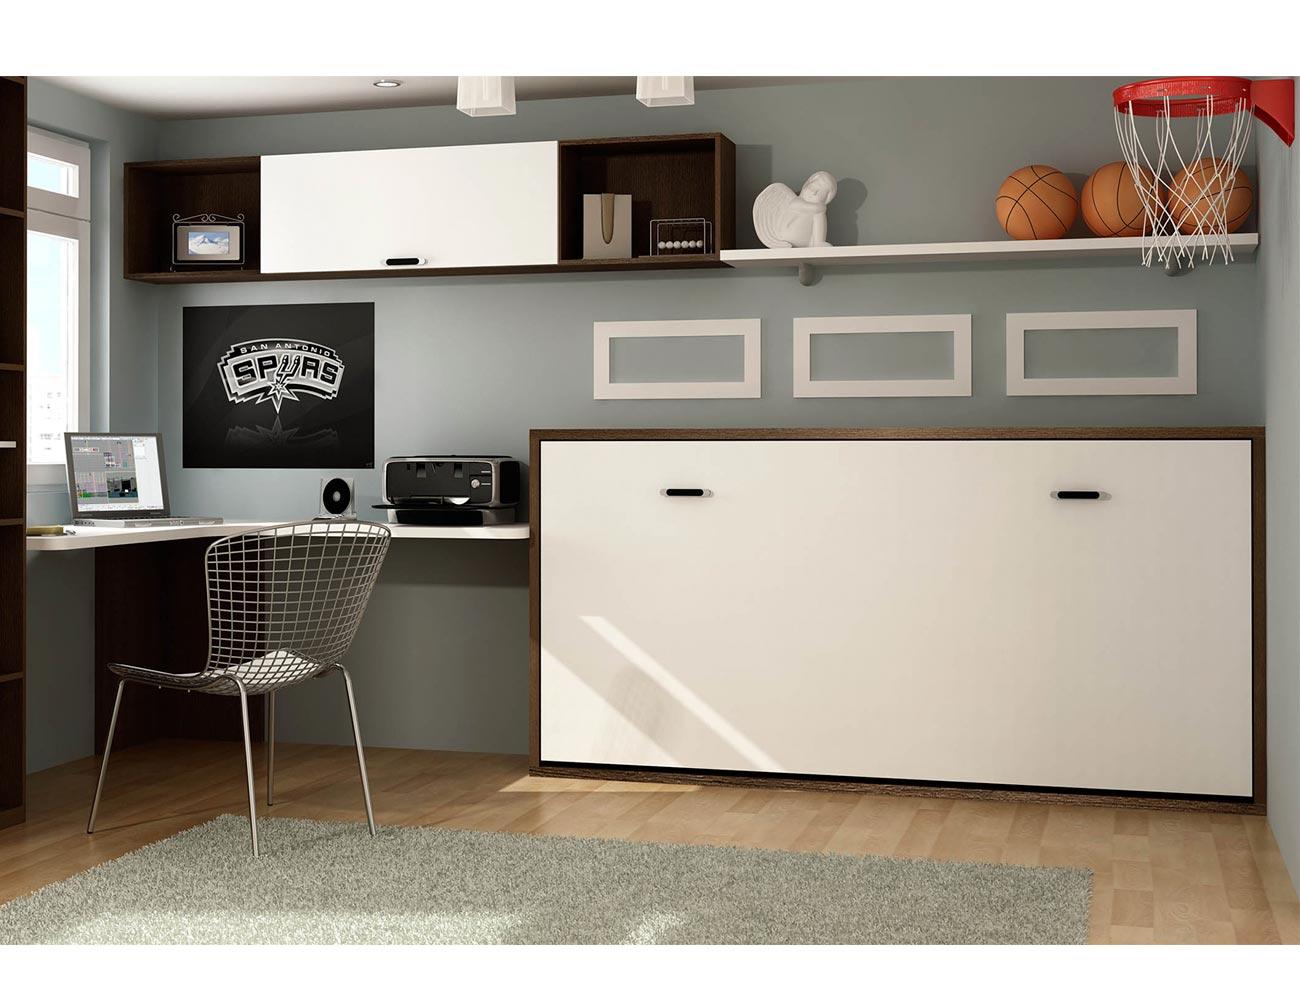 Dormitorio juvenil cama abatible horizontal y escritorio - Habitaciones juveniles camas abatibles horizontales ...